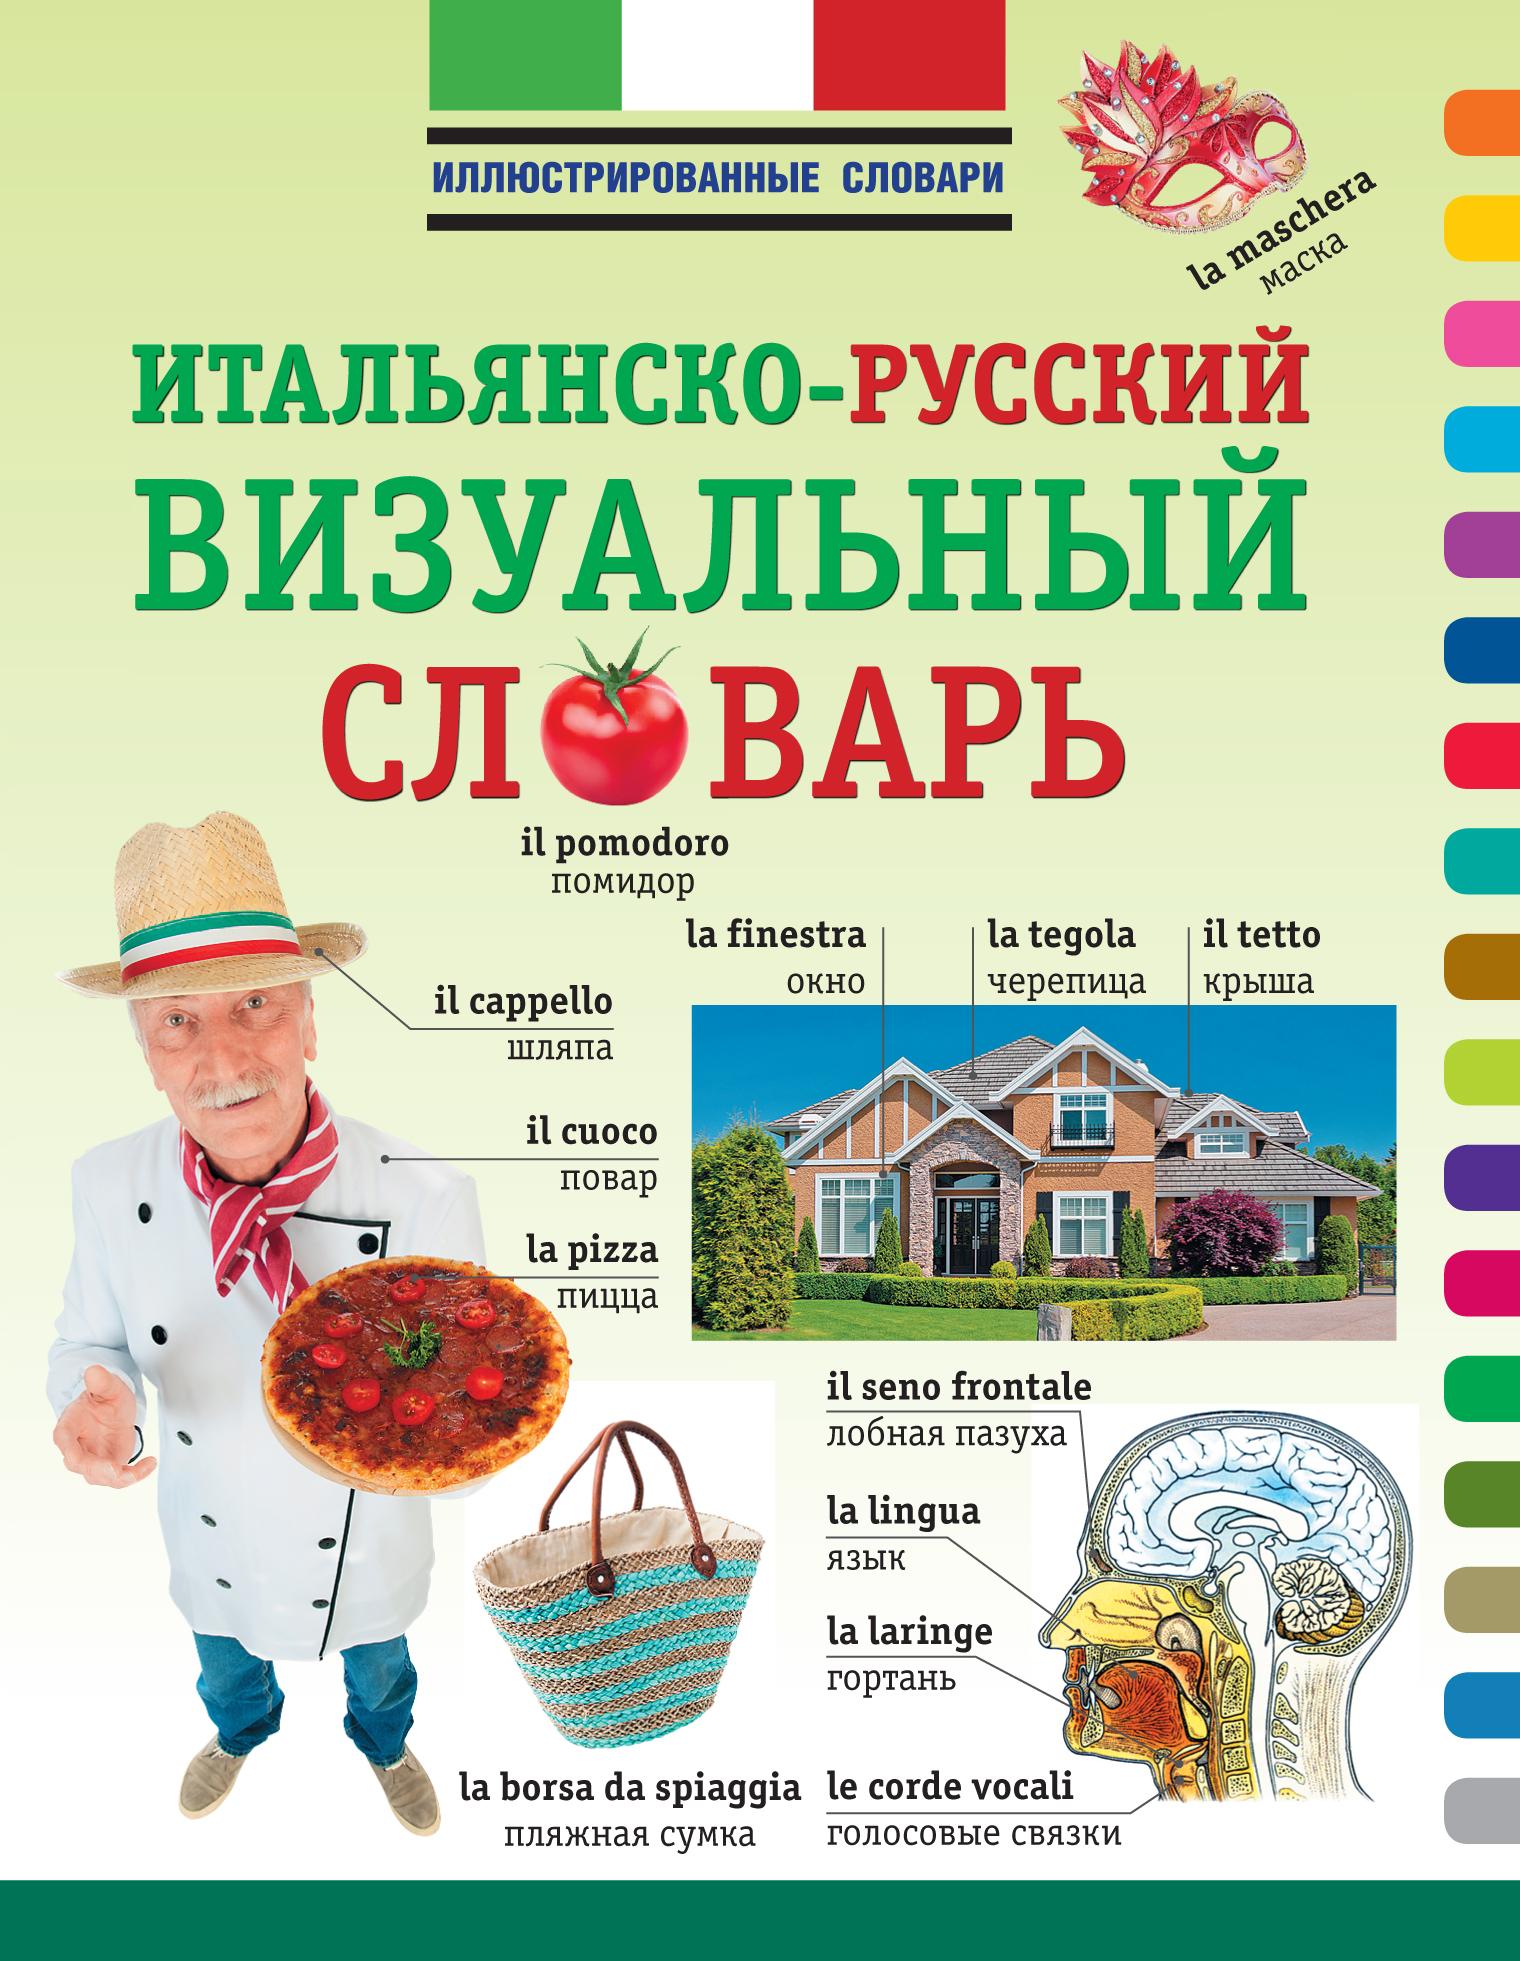 Итальянско-русский визуальный словарь от book24.ru